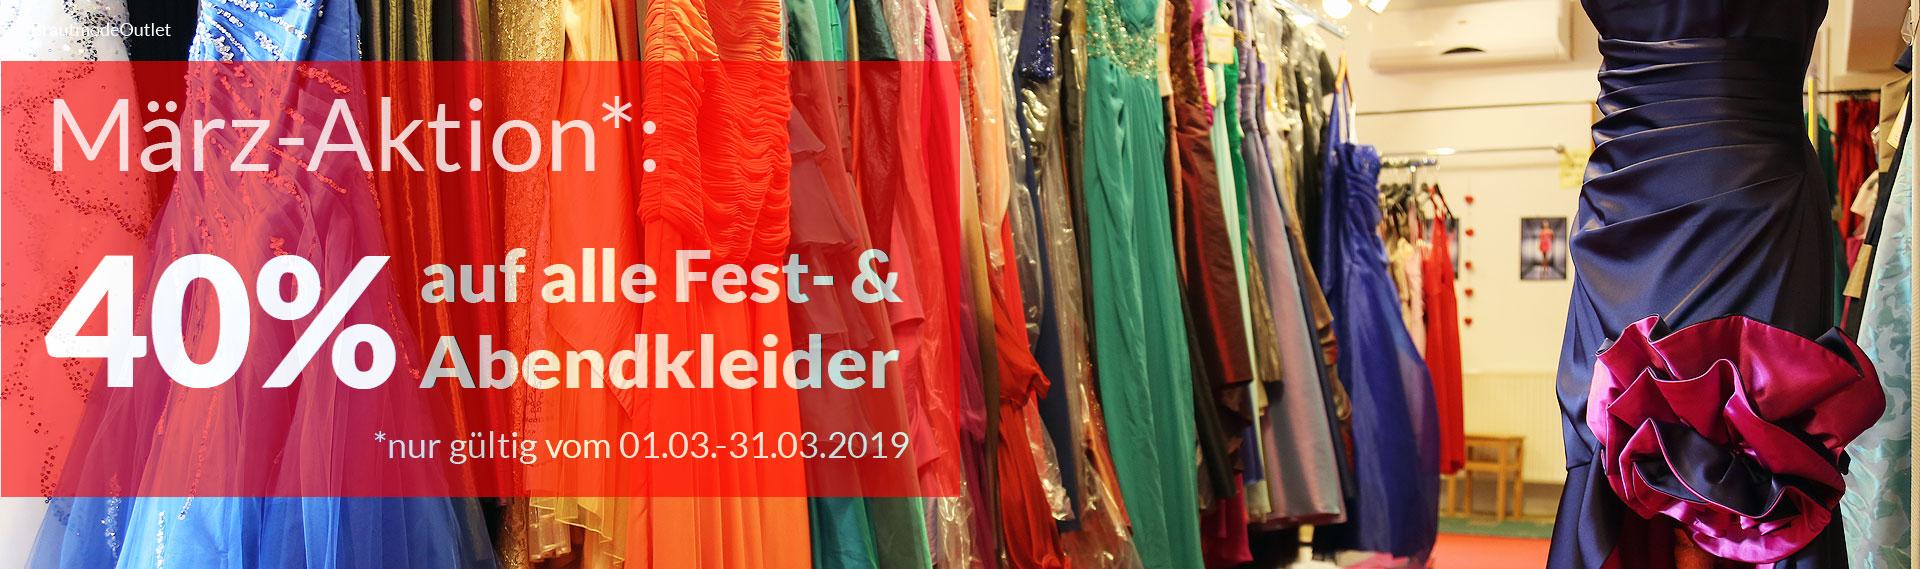 BrautmodeOutlet Bautzen Brautkleider Outlet Abendkleider Aktion März